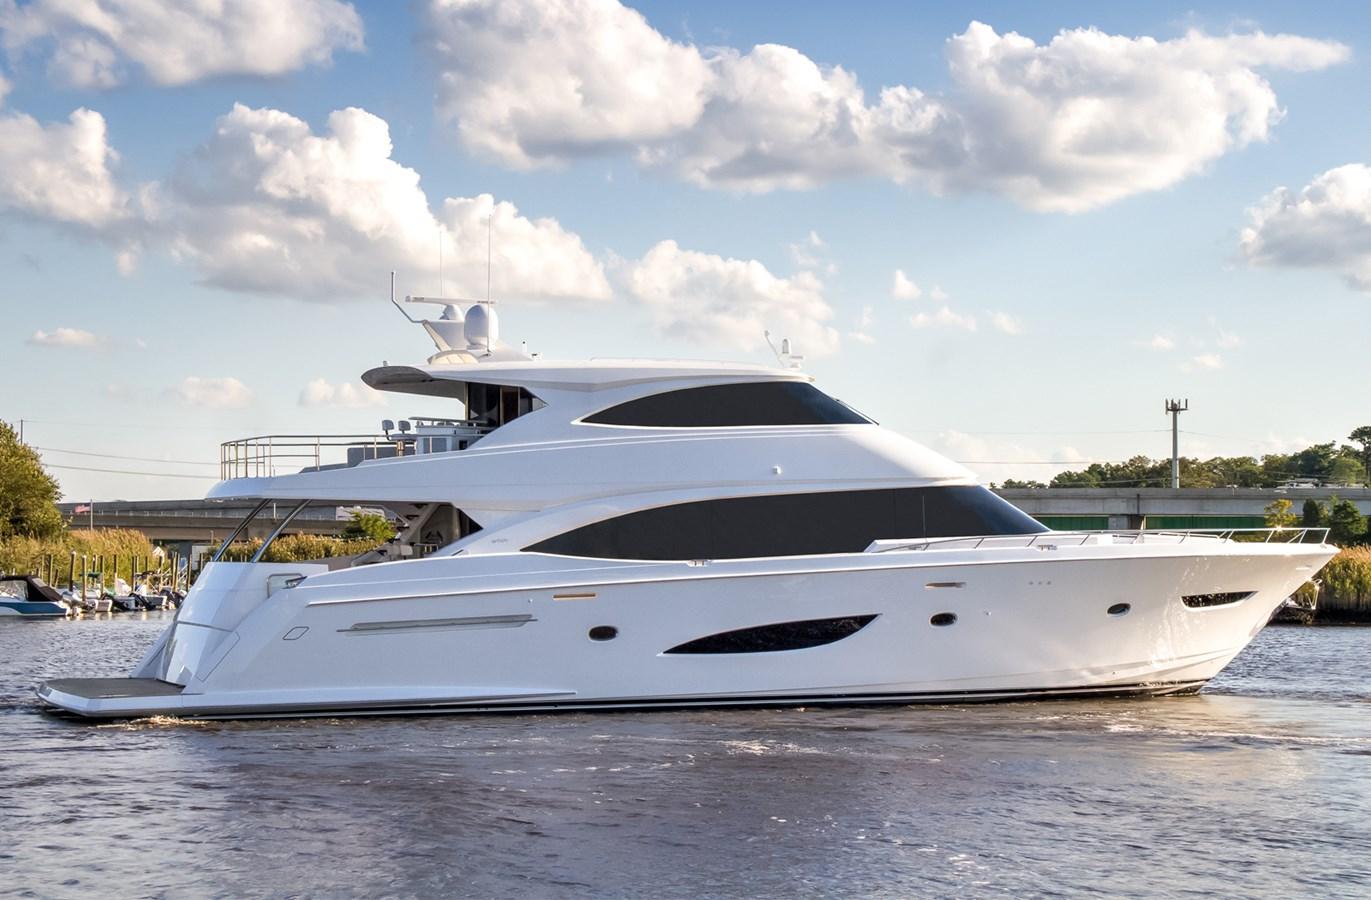 2018 VIKING 93 Motor Yacht (VK93-801) For Sale